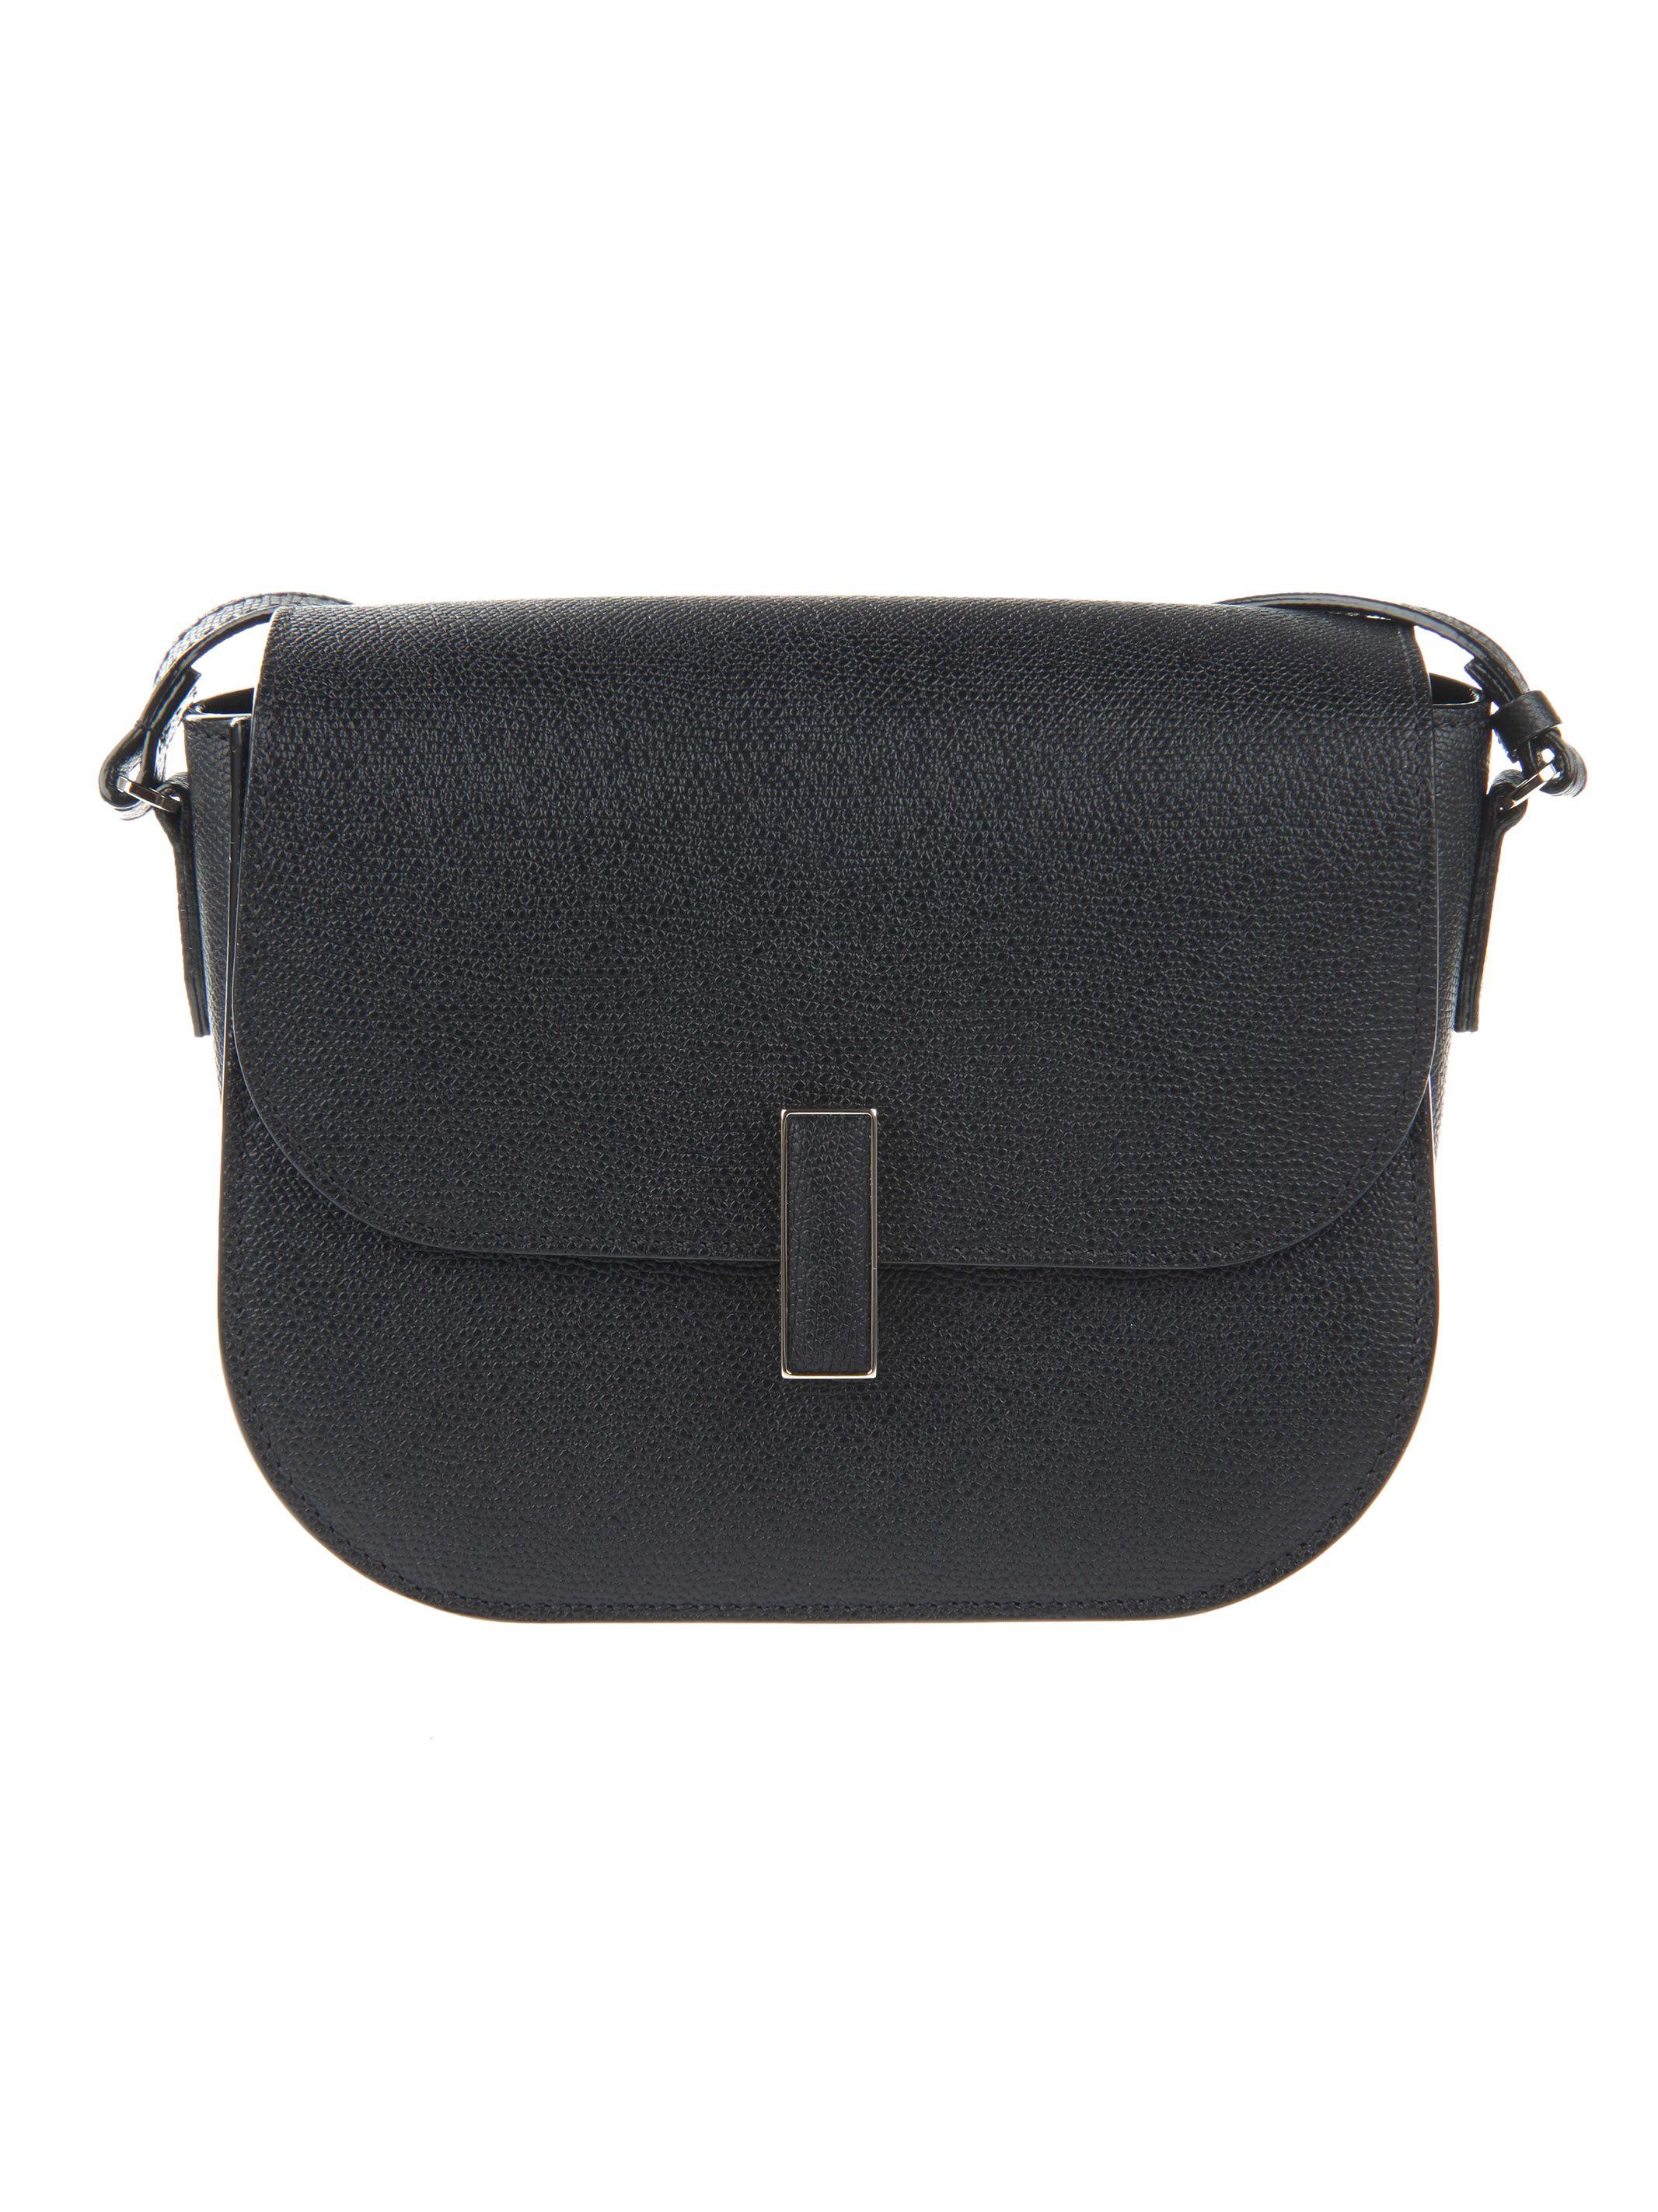 Valextra Iside Crossbody Shoulder Bag